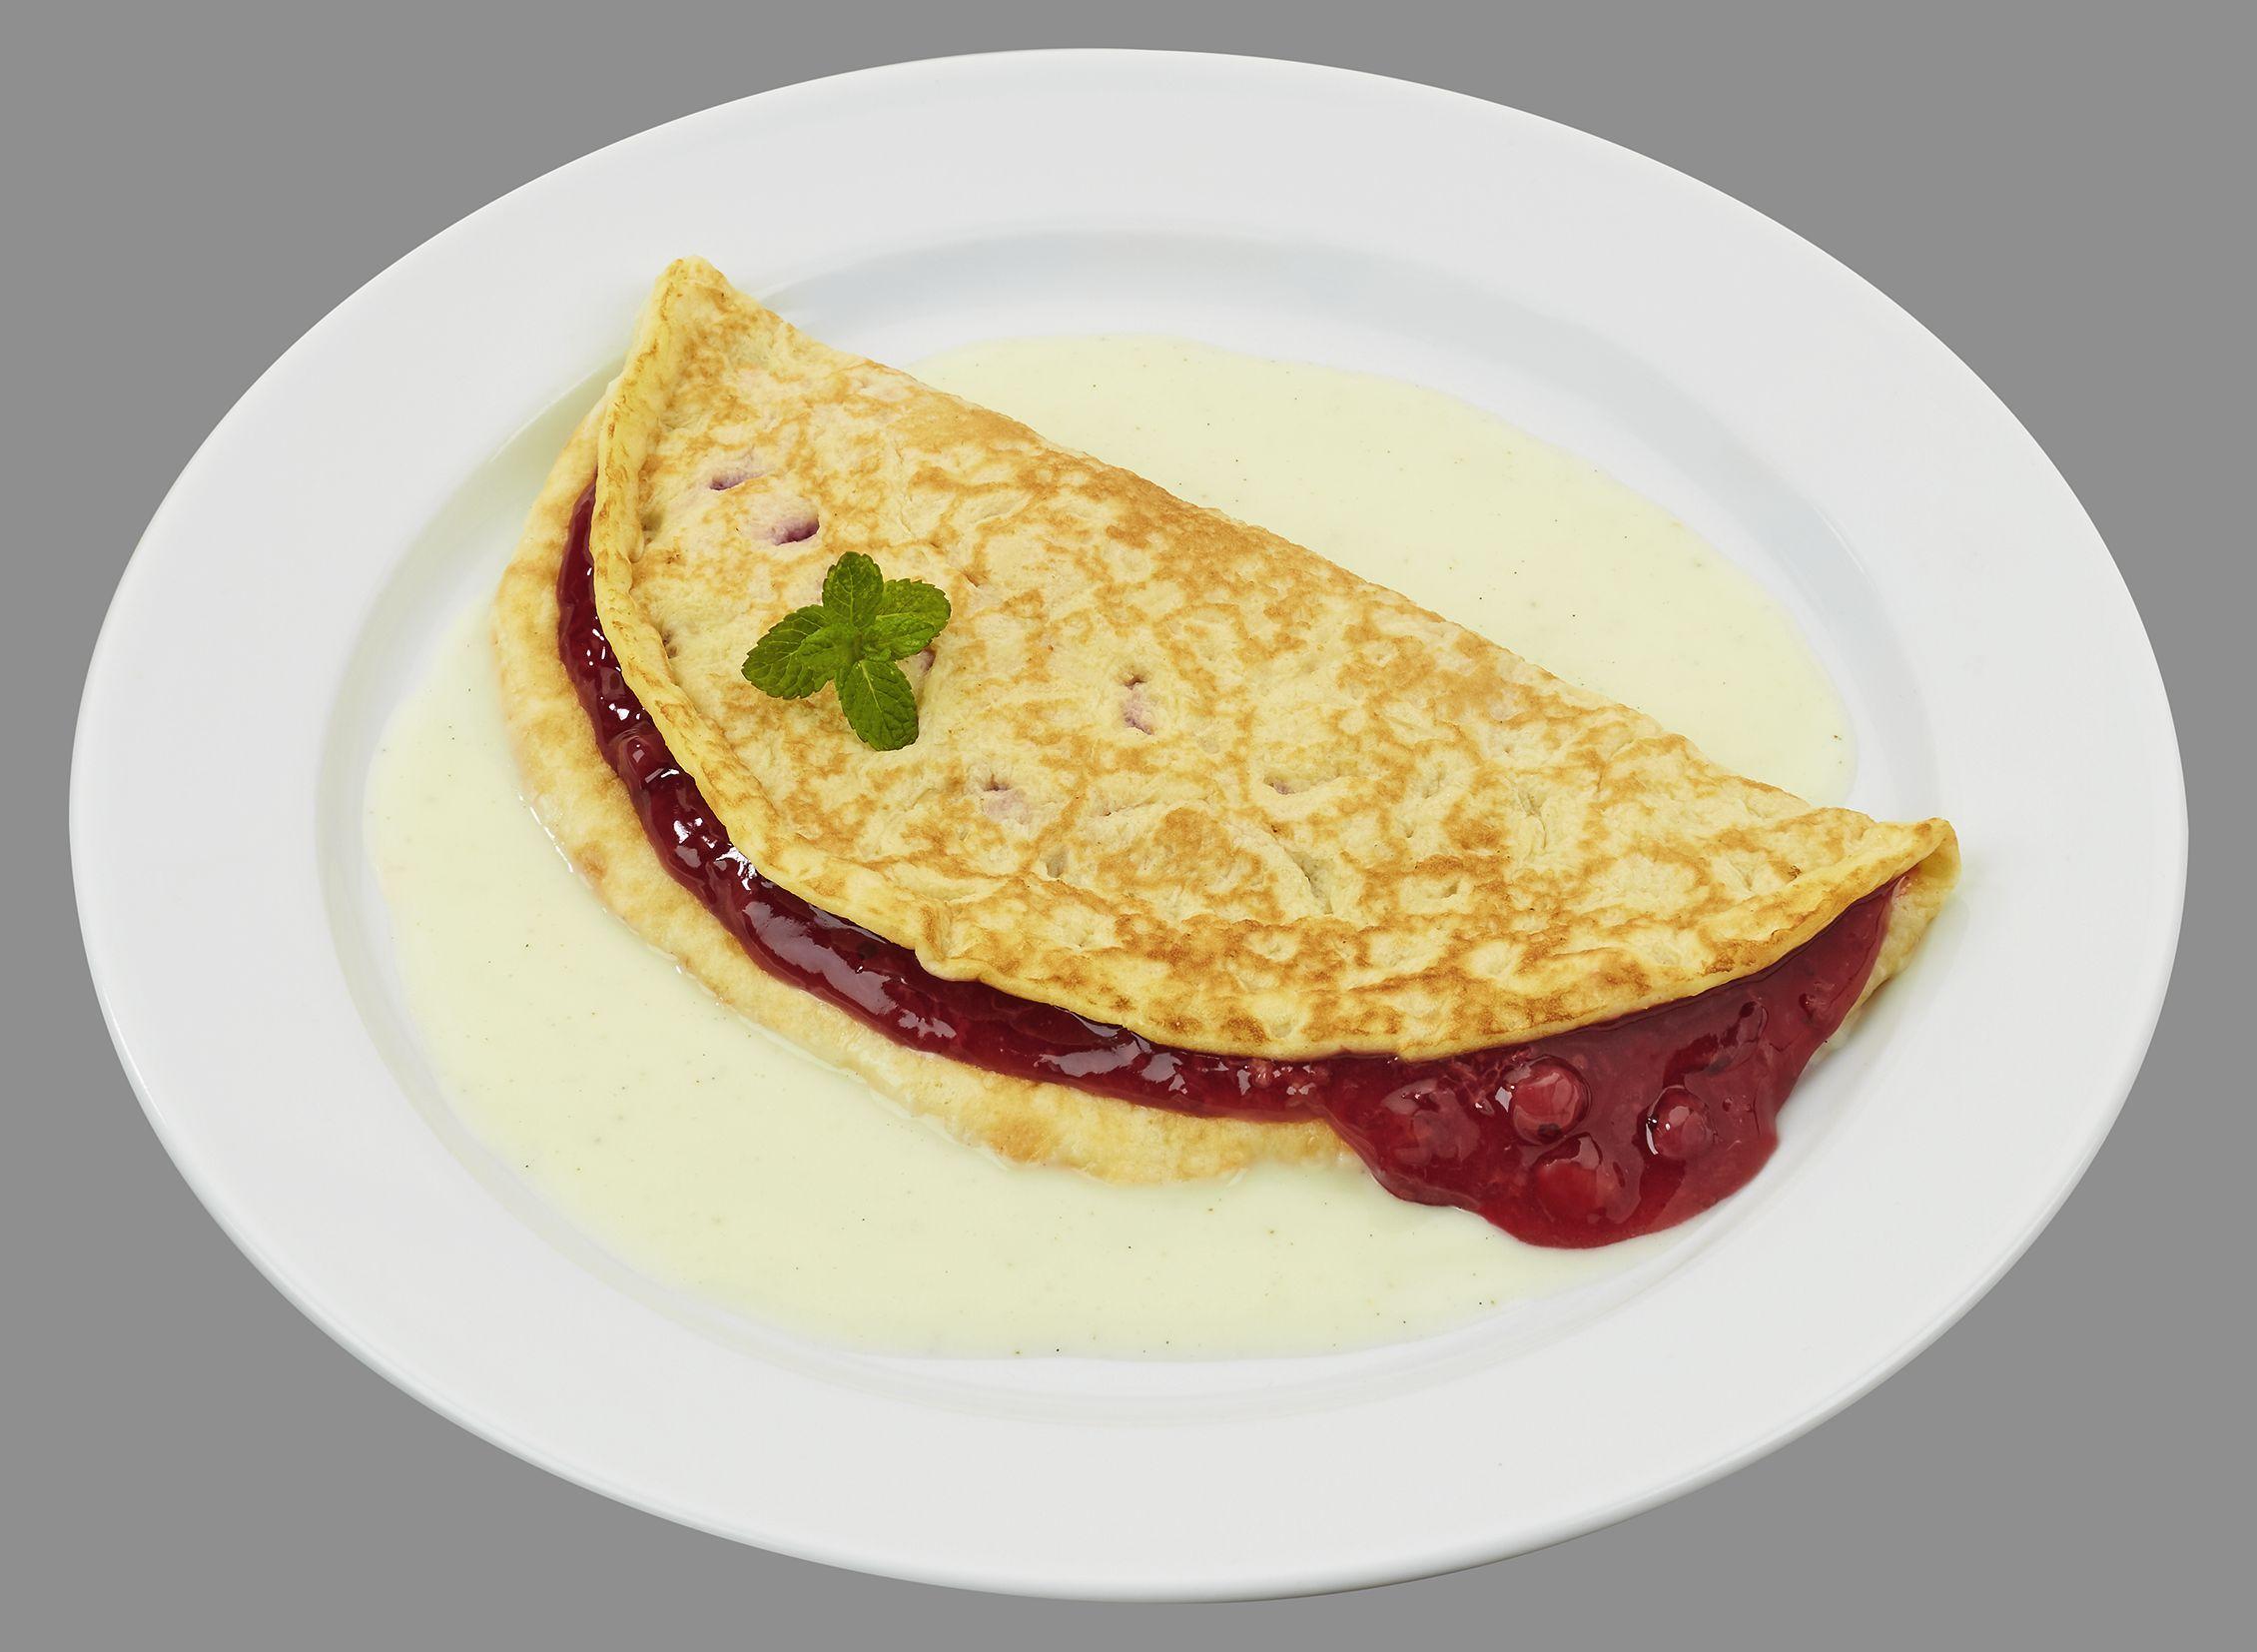 Goldgelb gebackener Pfannkuchen gefüllt mit roter Grütze, dazu Joghurtsoße